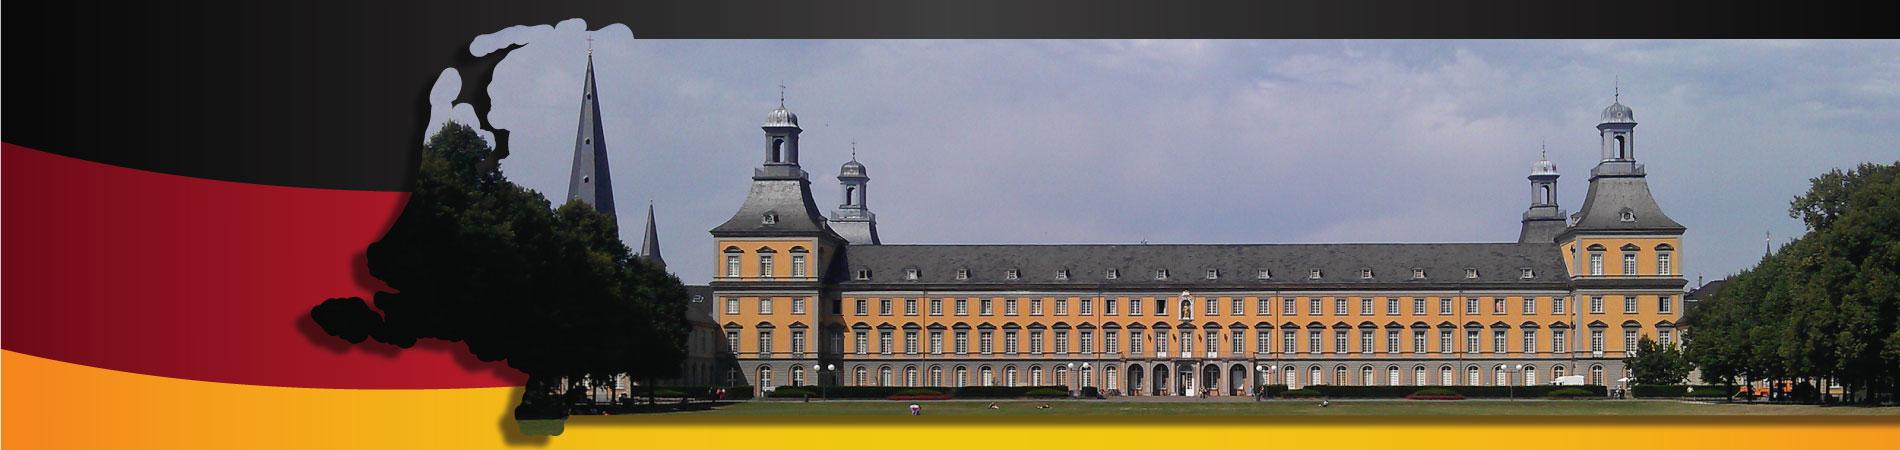 AMS Bonn Universtitat